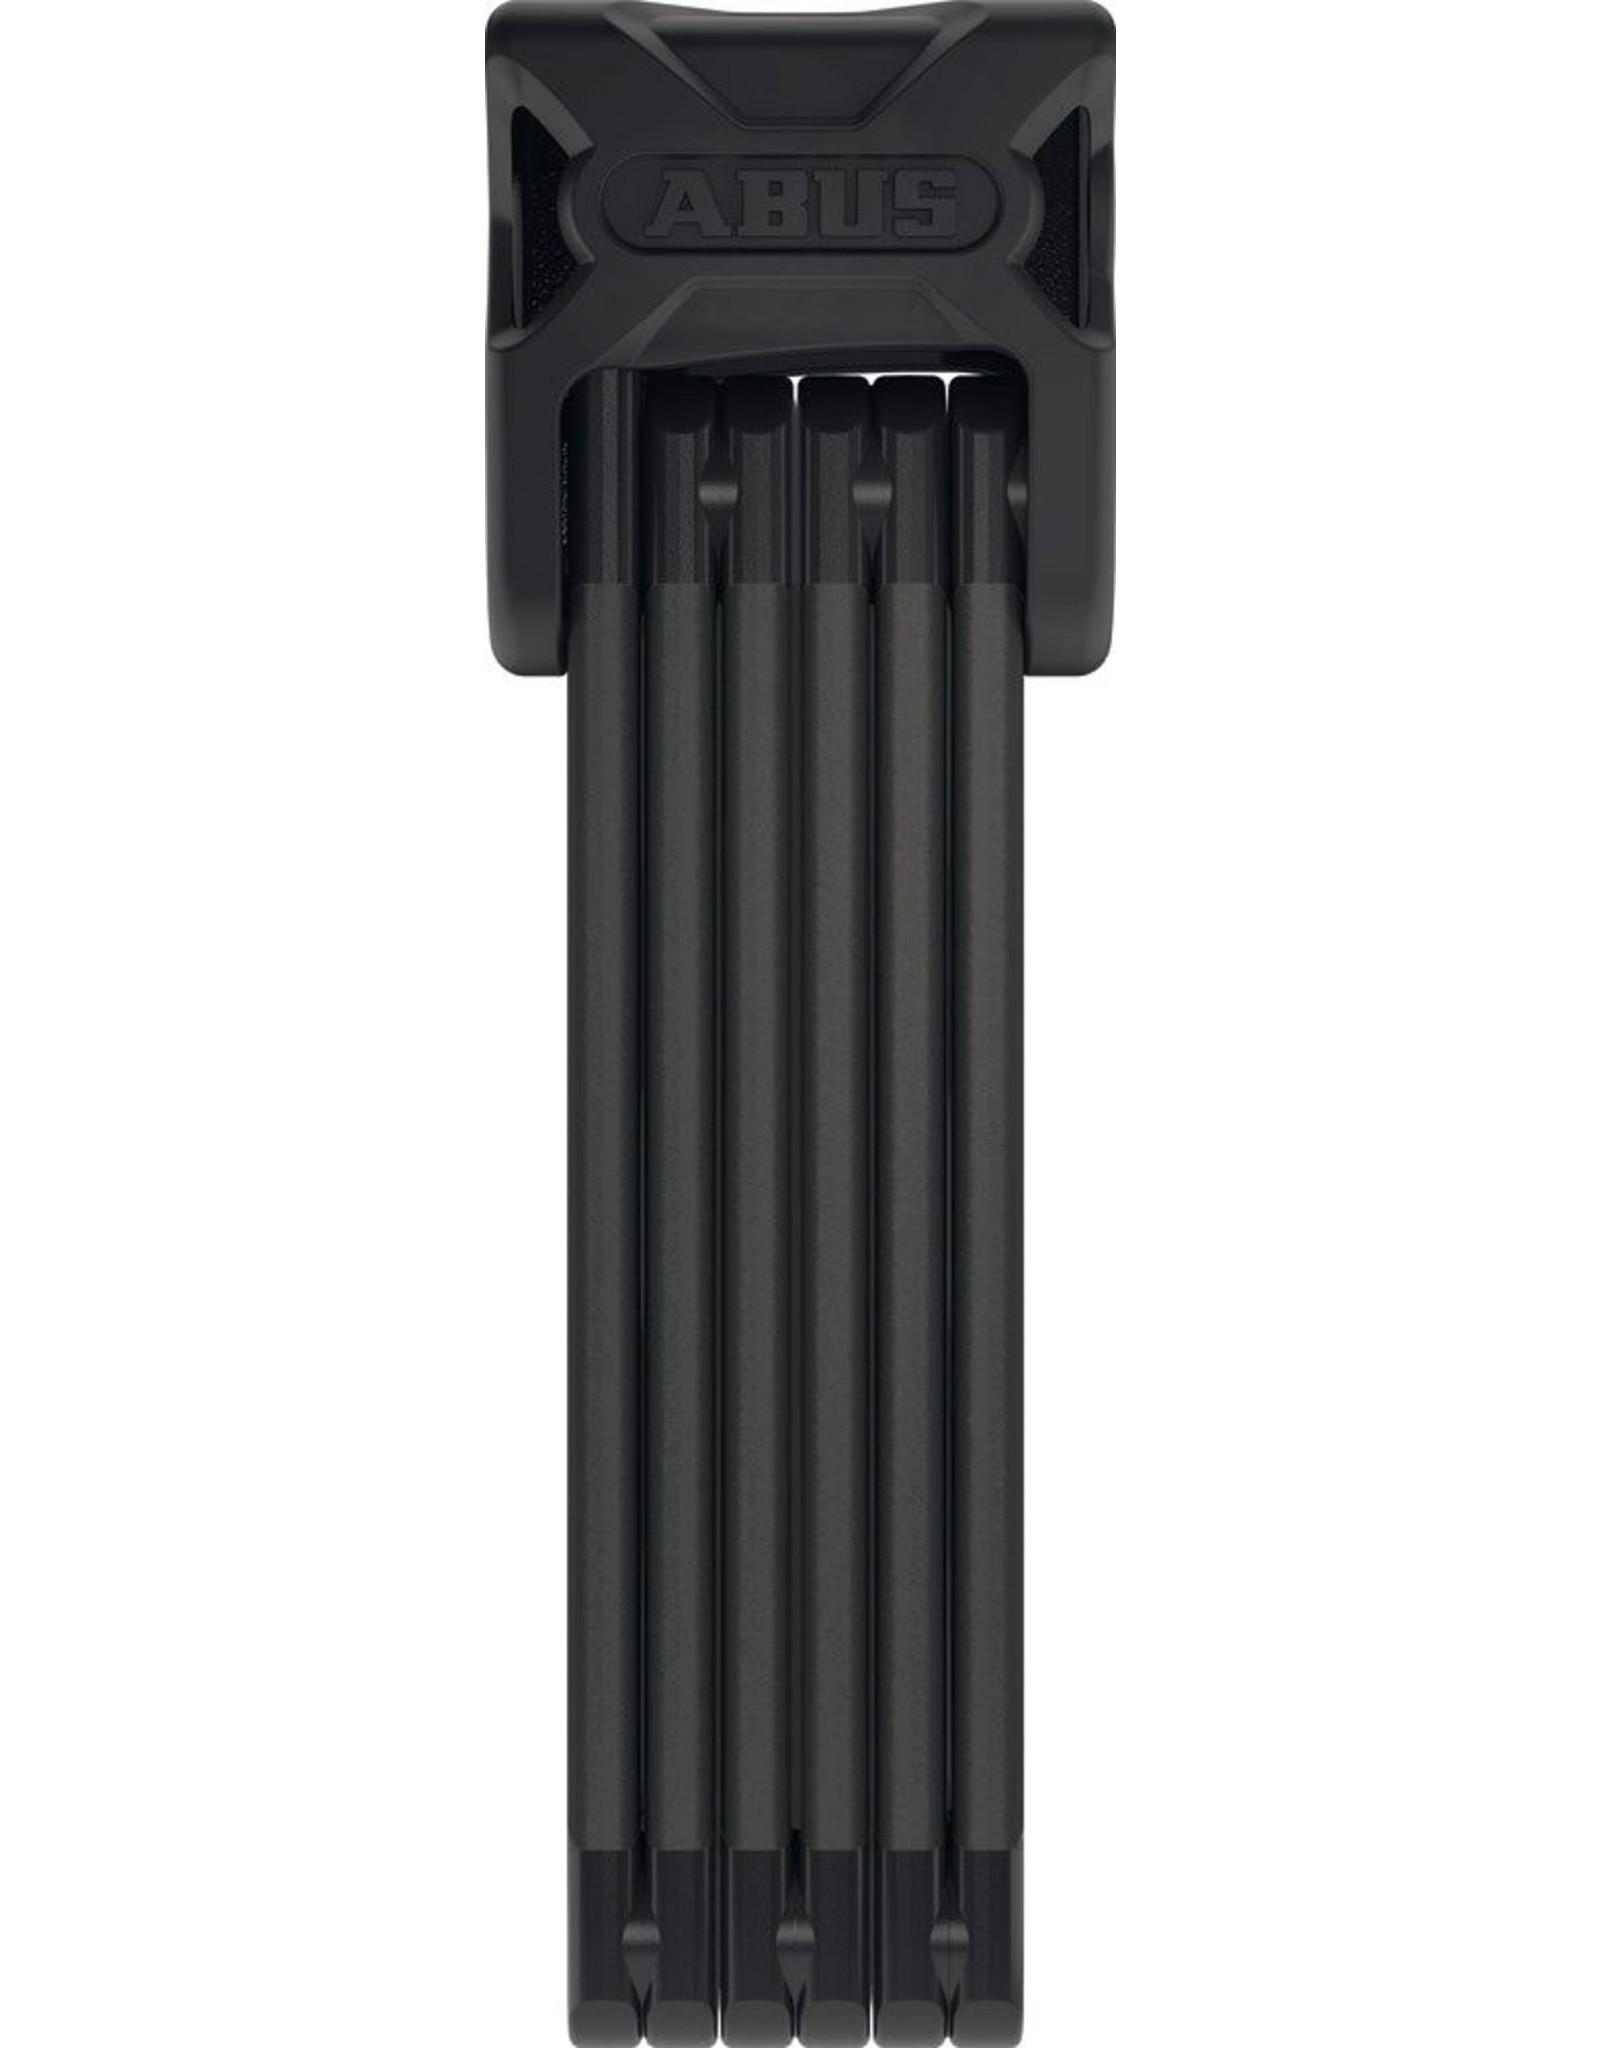 ABUS Abus Bordo Alarm 6000/90 Plus